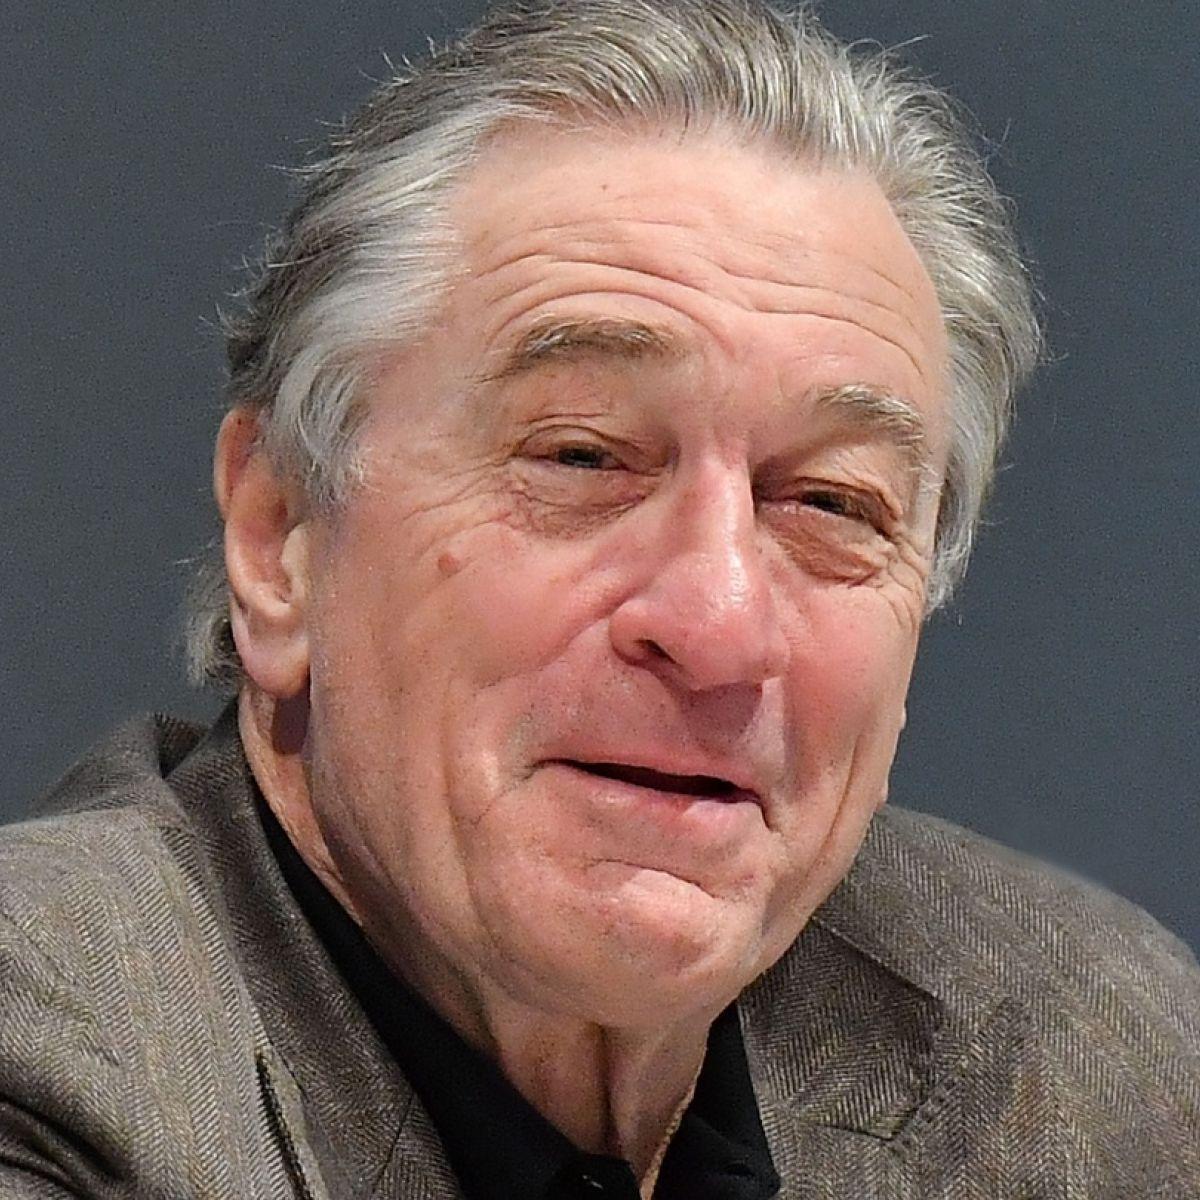 Robert de Niro: I felt I had t...